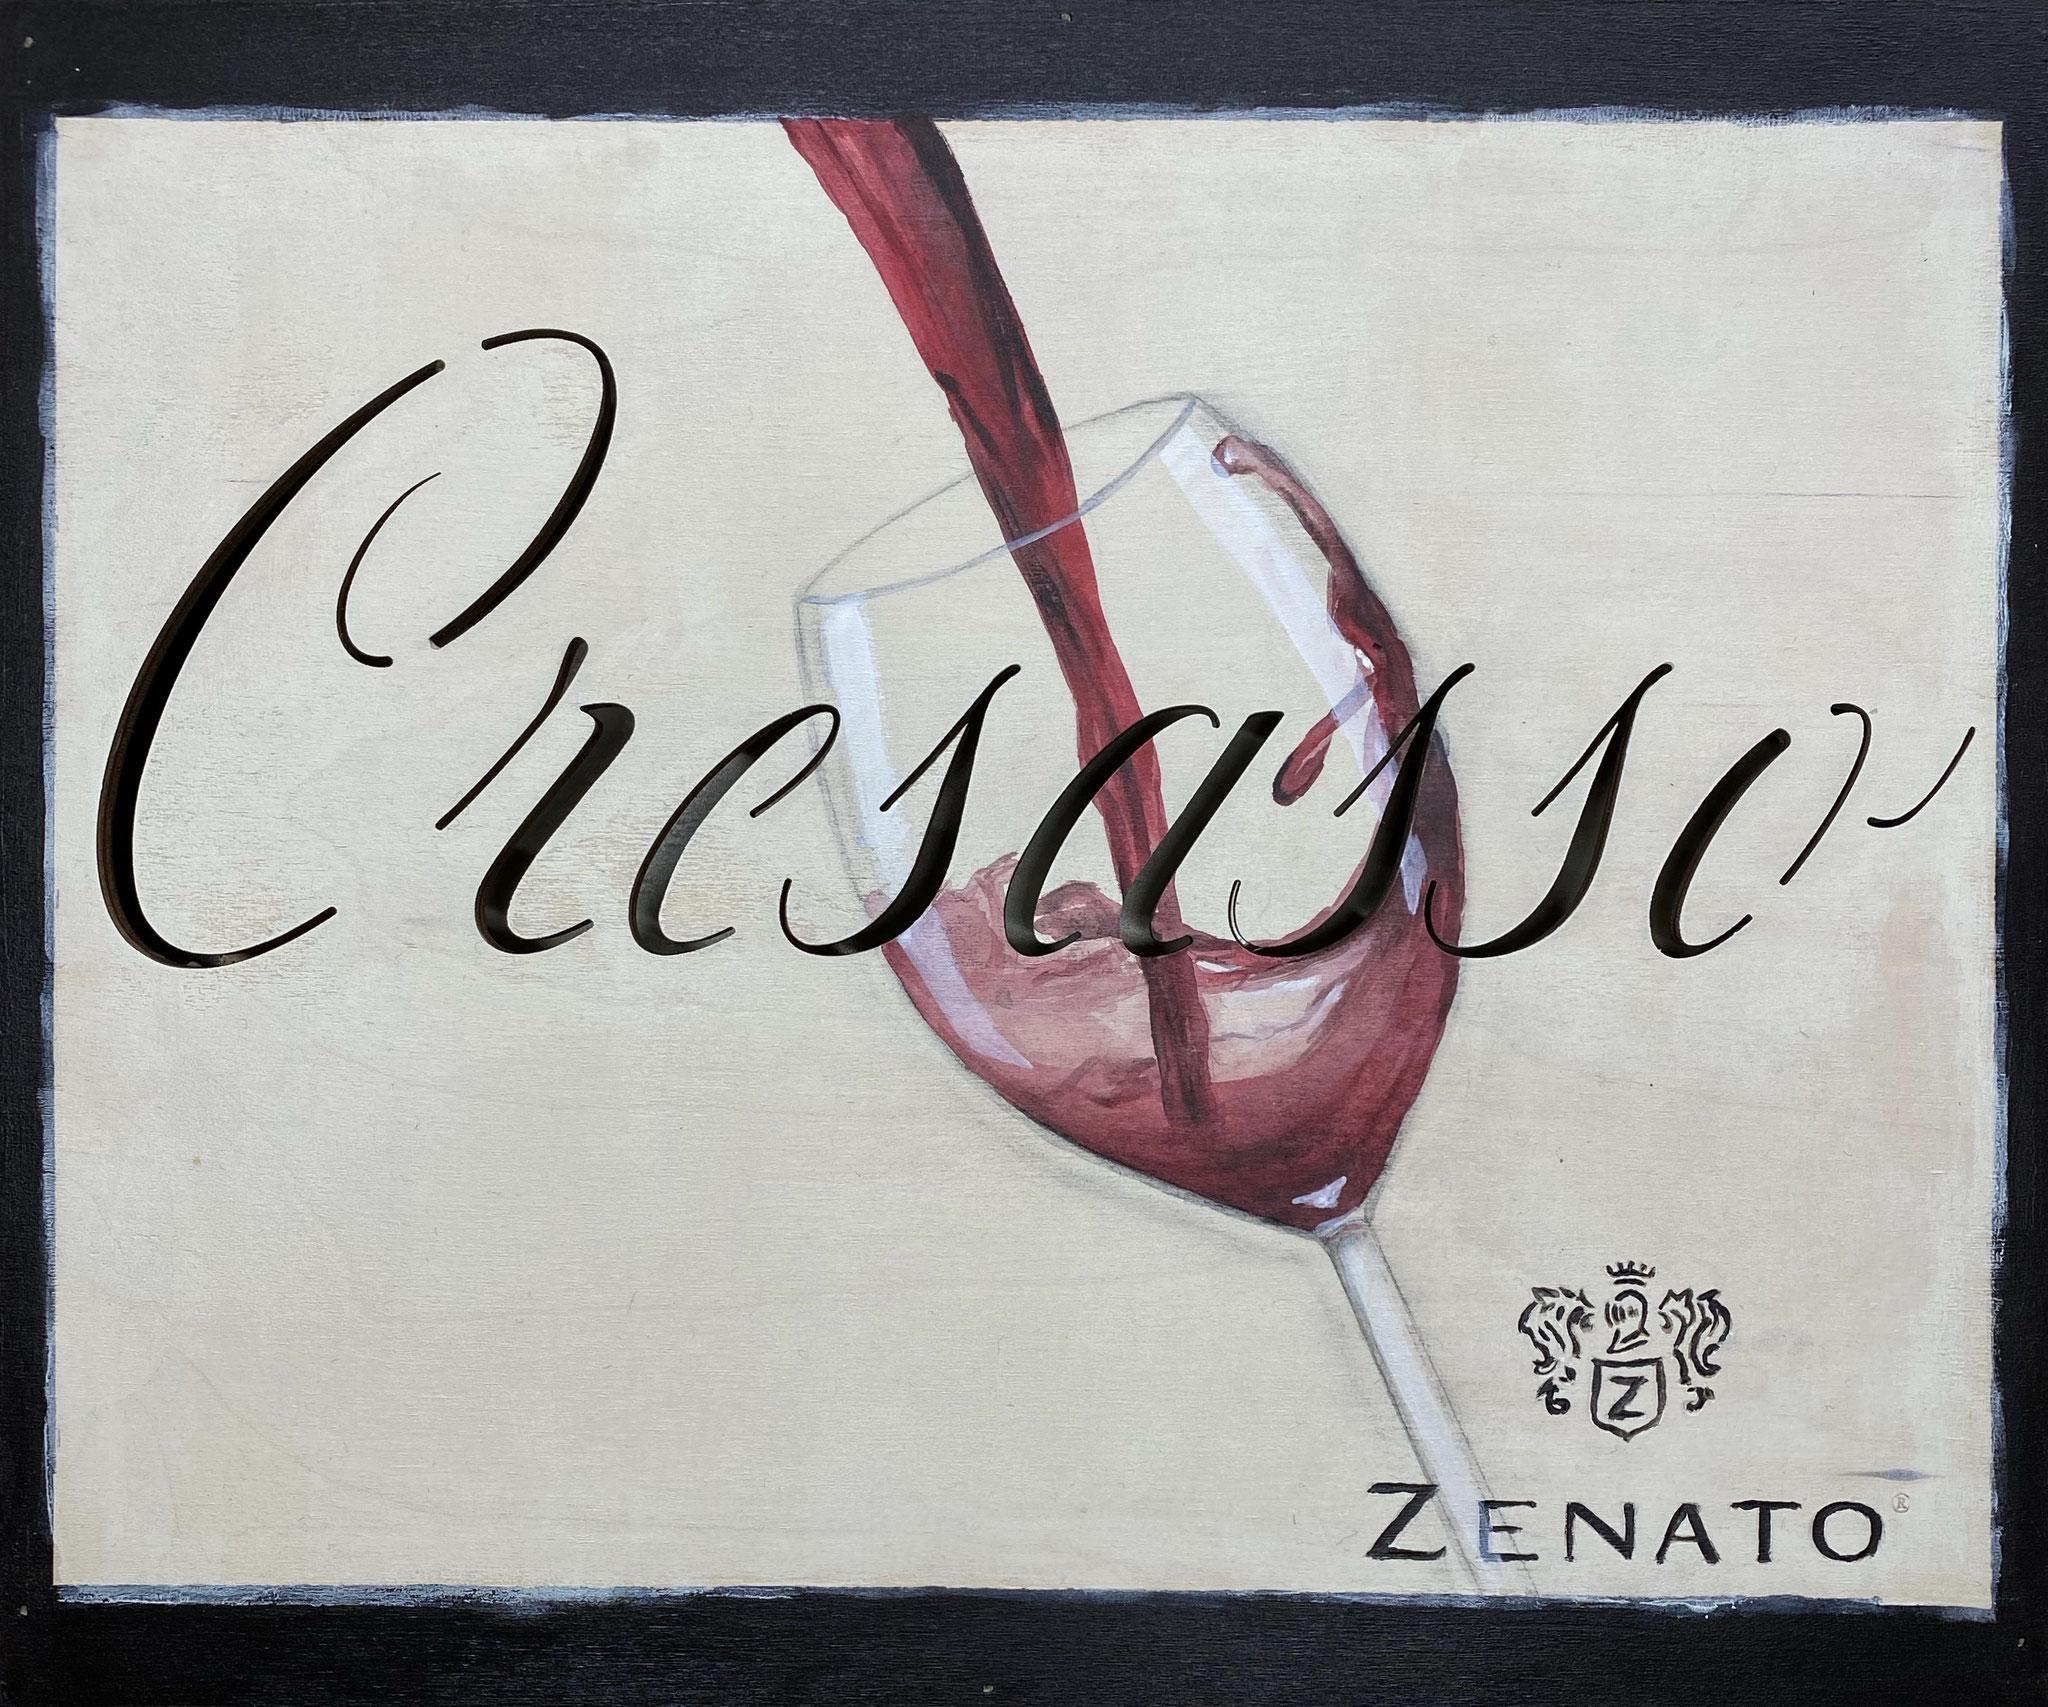 Zenato Cresasso